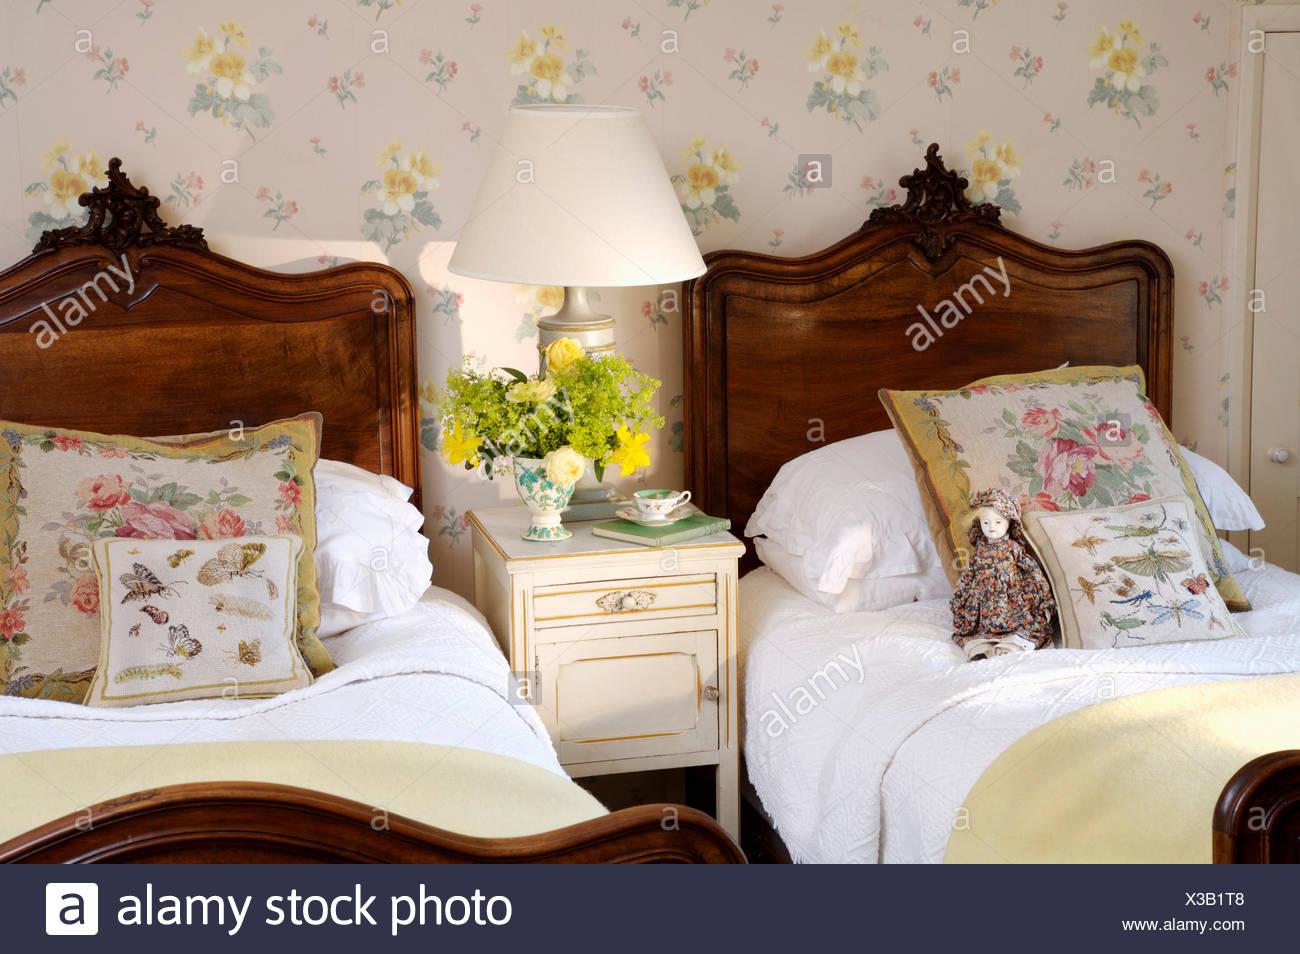 Camere Da Letto Rosa Antico : Arazzo cuscini e biancheria da letto bianca su mogano antichi letti